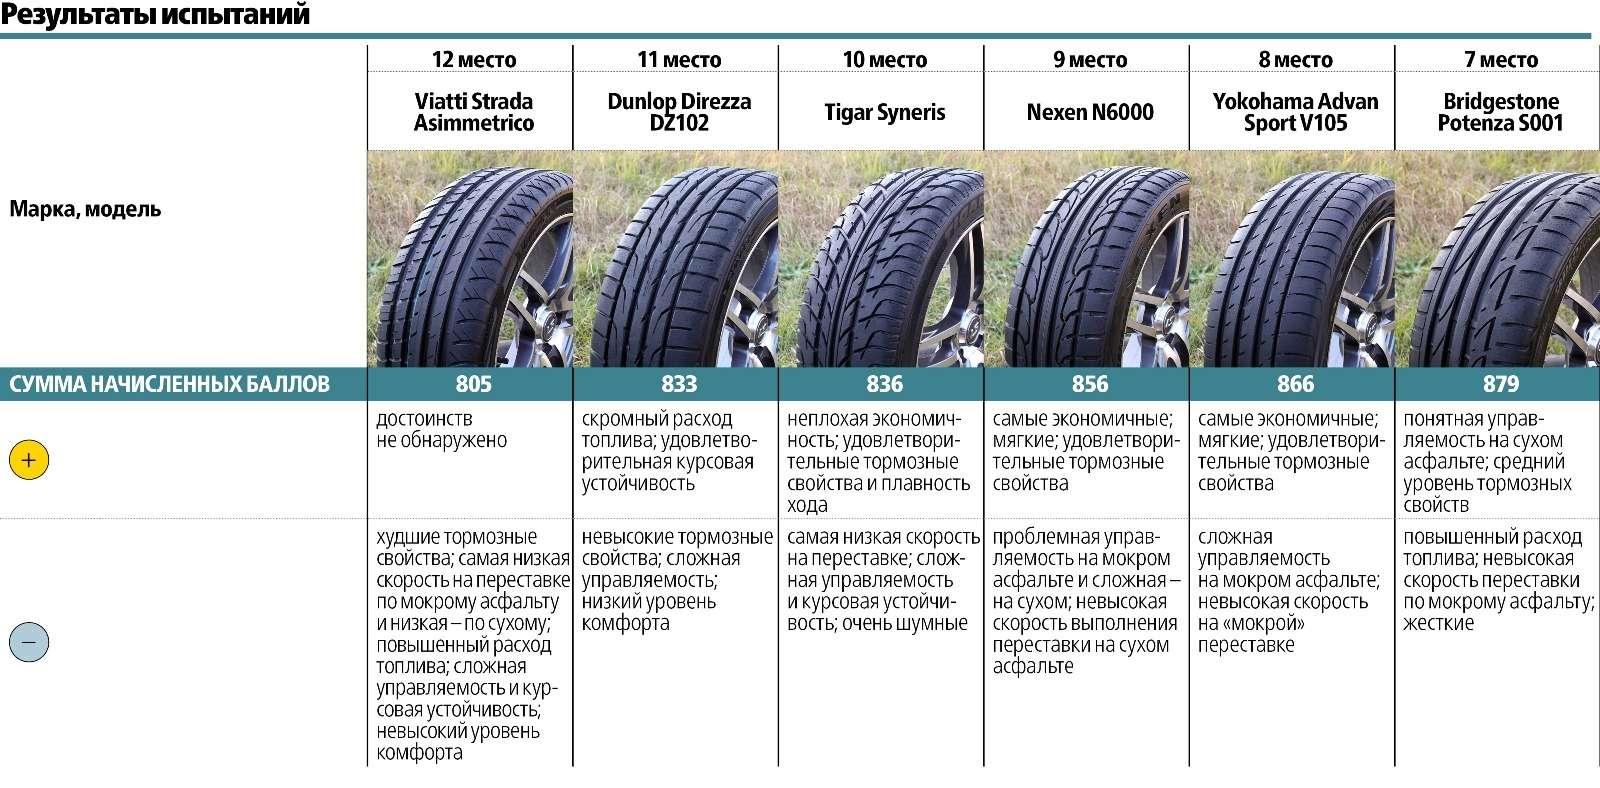 Сравнительный тест высокоскоростных летних шин 225/45R17: заложники скорости— фото 572928